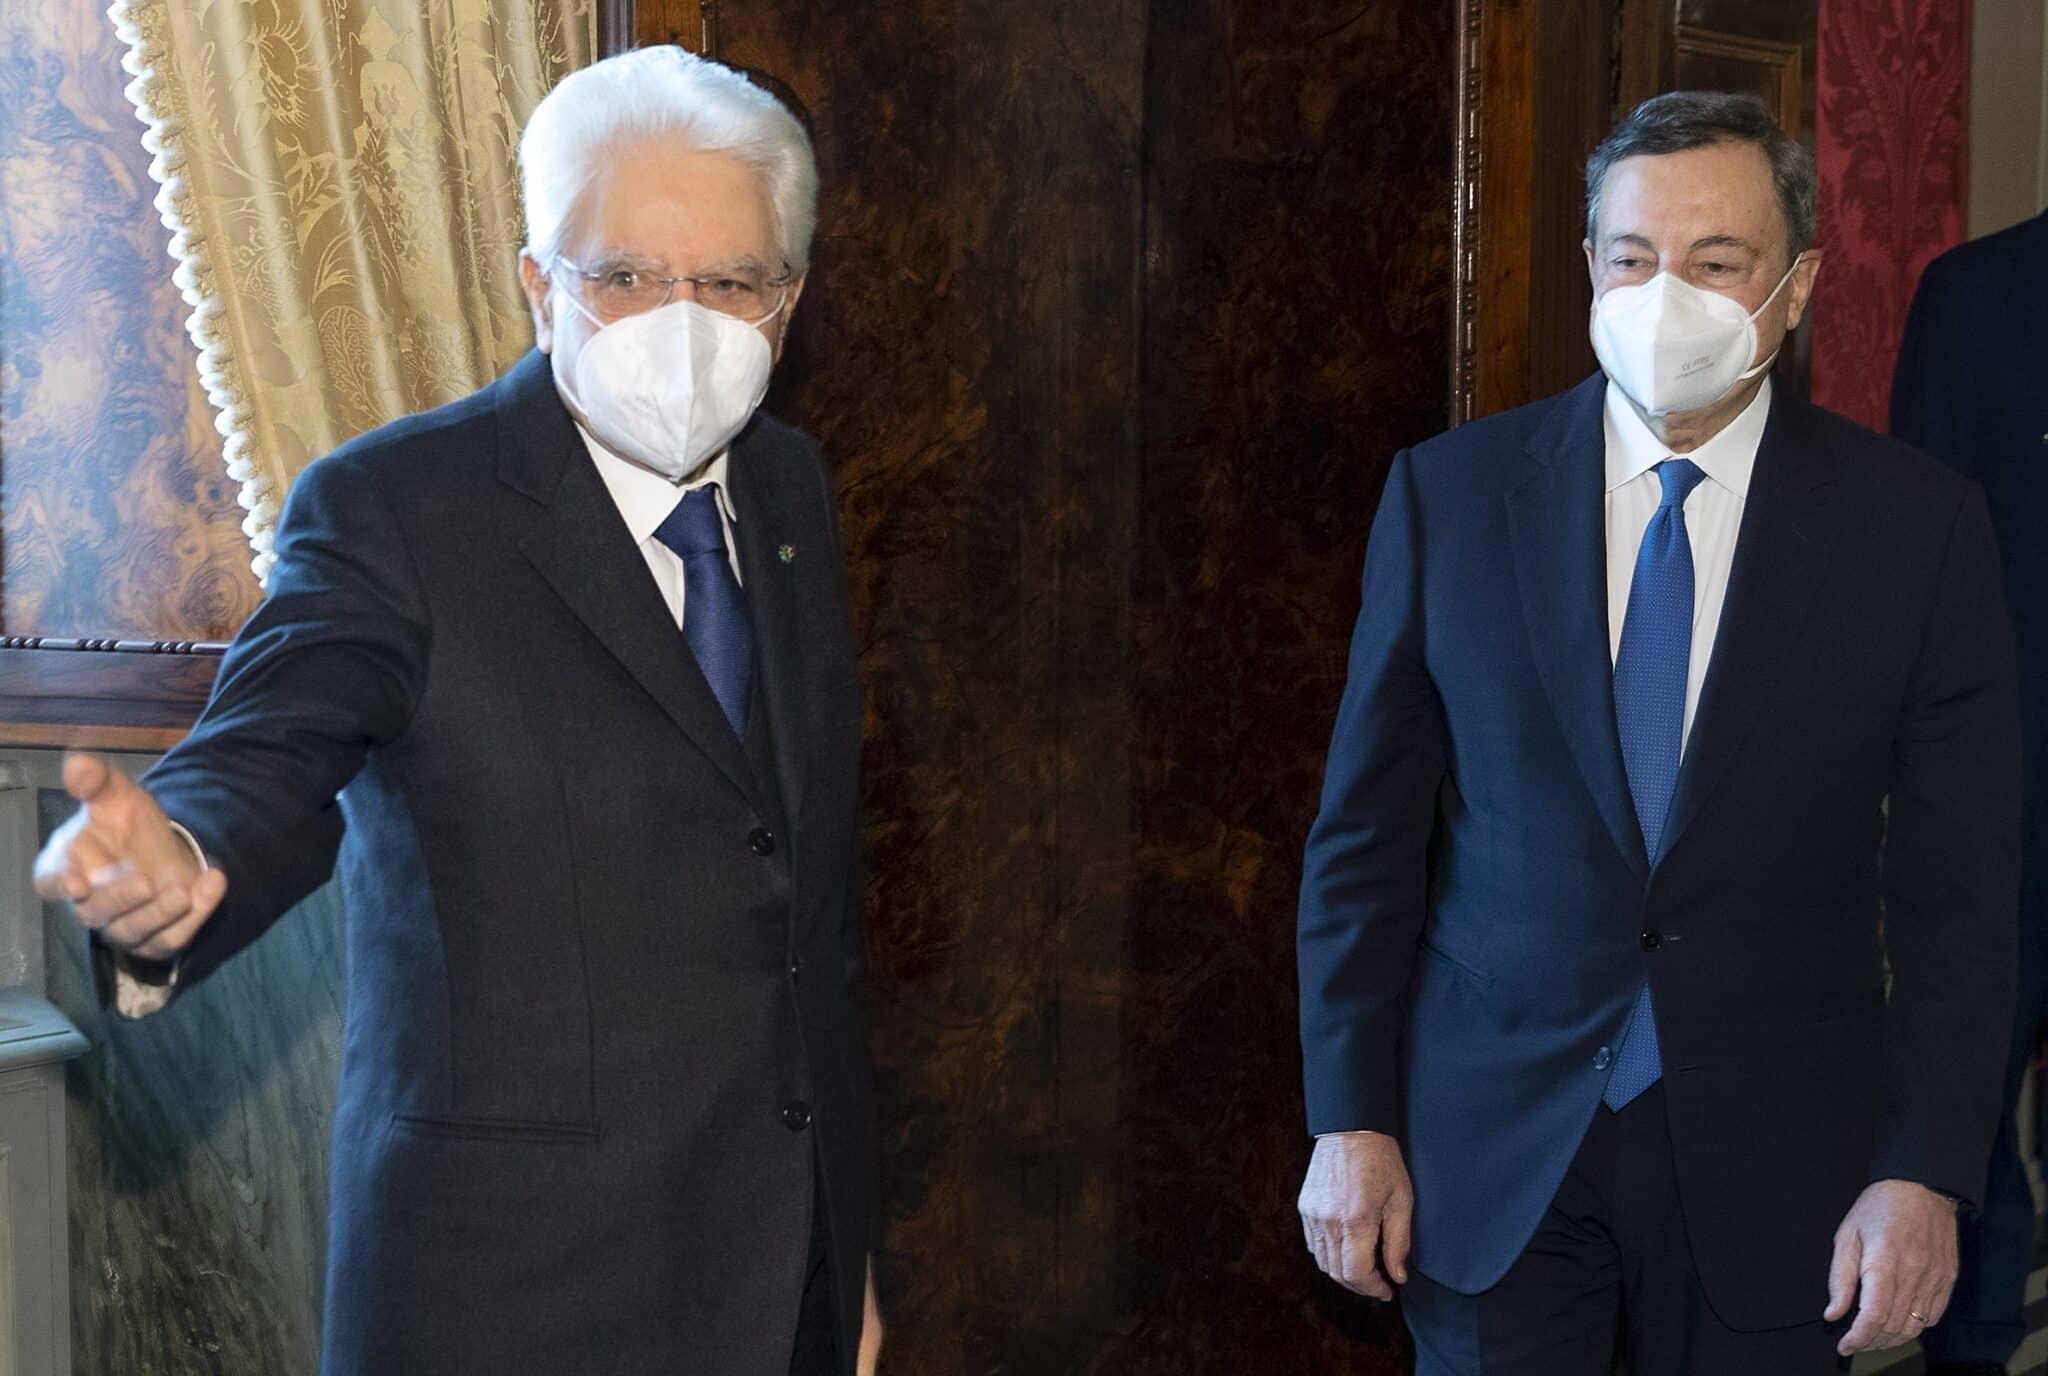 Nato il governo Draghi: ecco la lista dei ministri